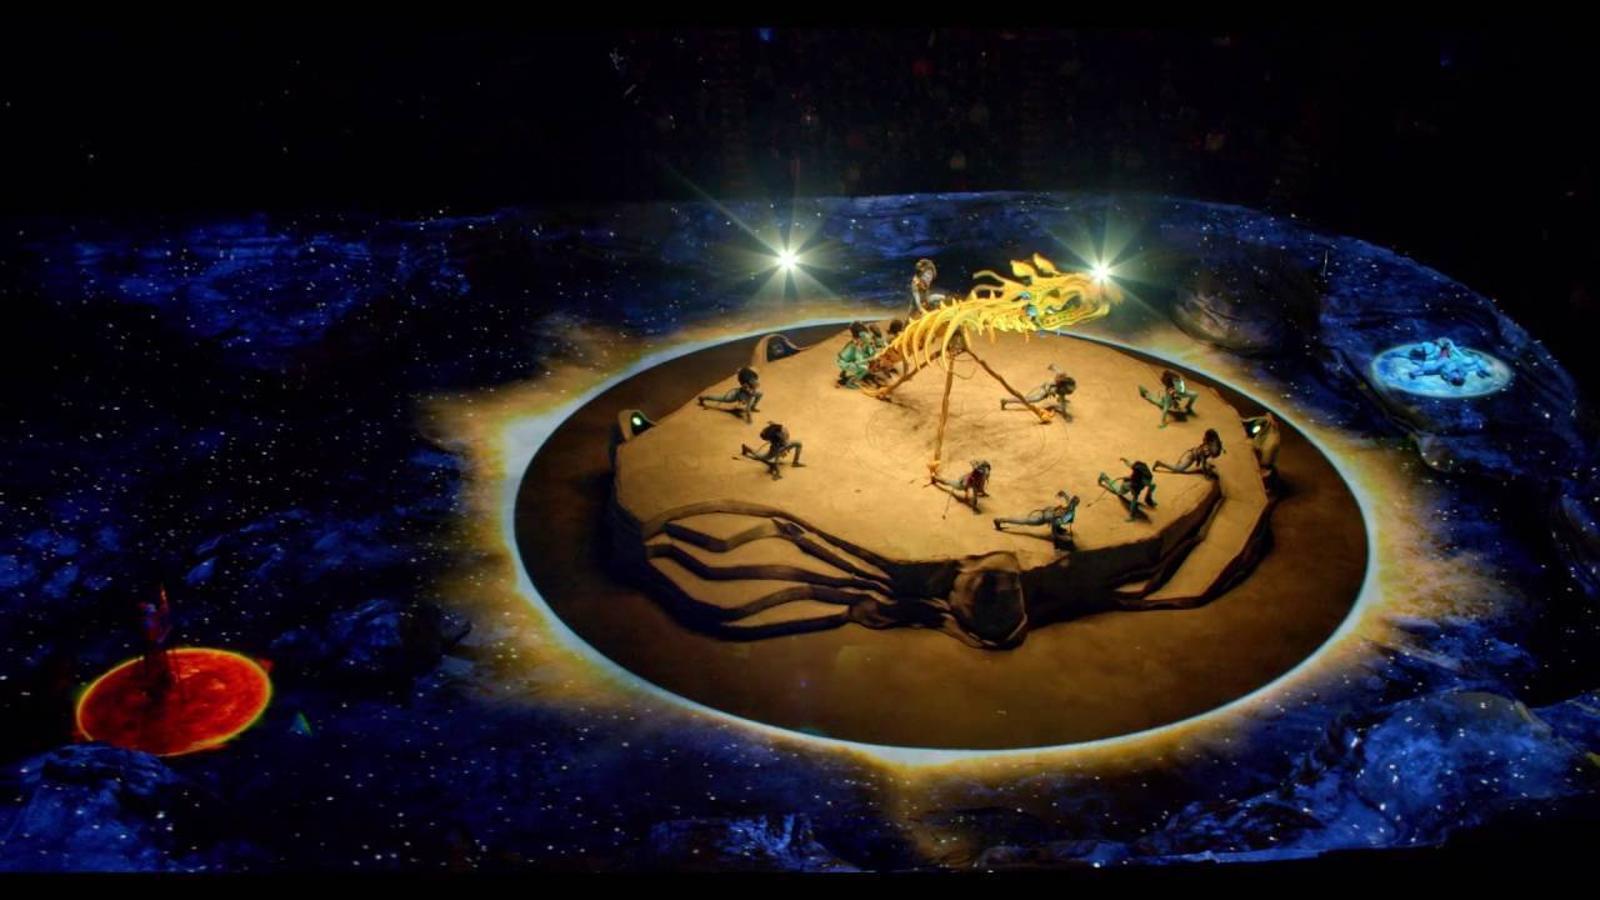 El Cirque du Soleil aterra a Barcelona amb una història d'Avatar